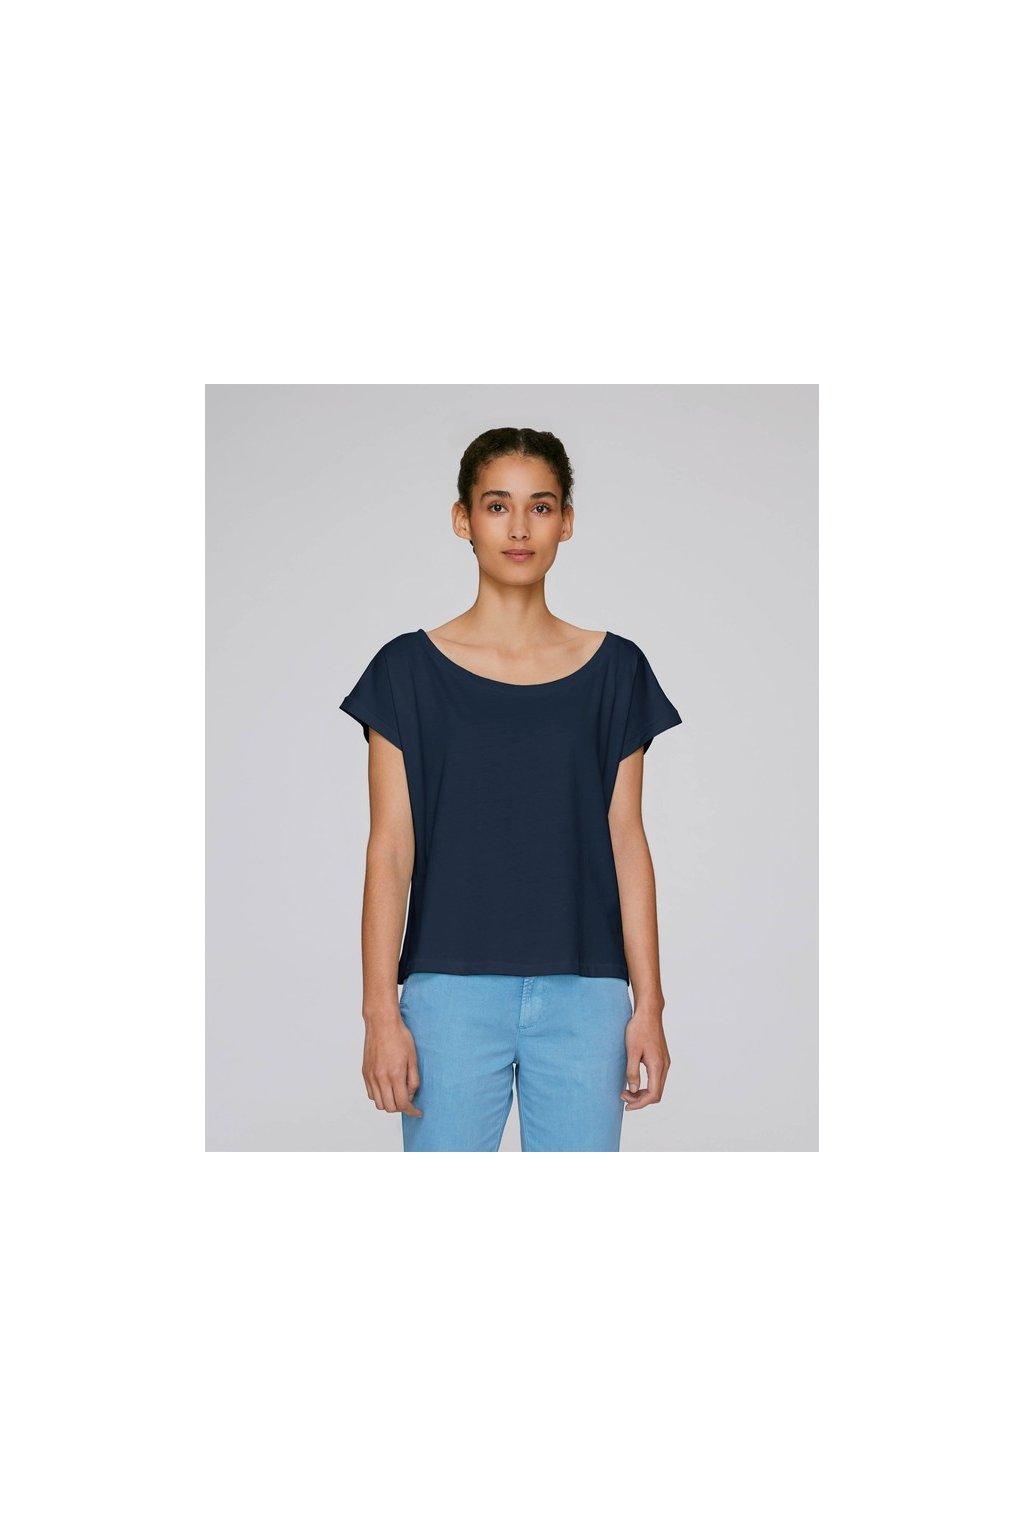 Bavlněná dámská tričko FLIES Tmavě modrá Navy